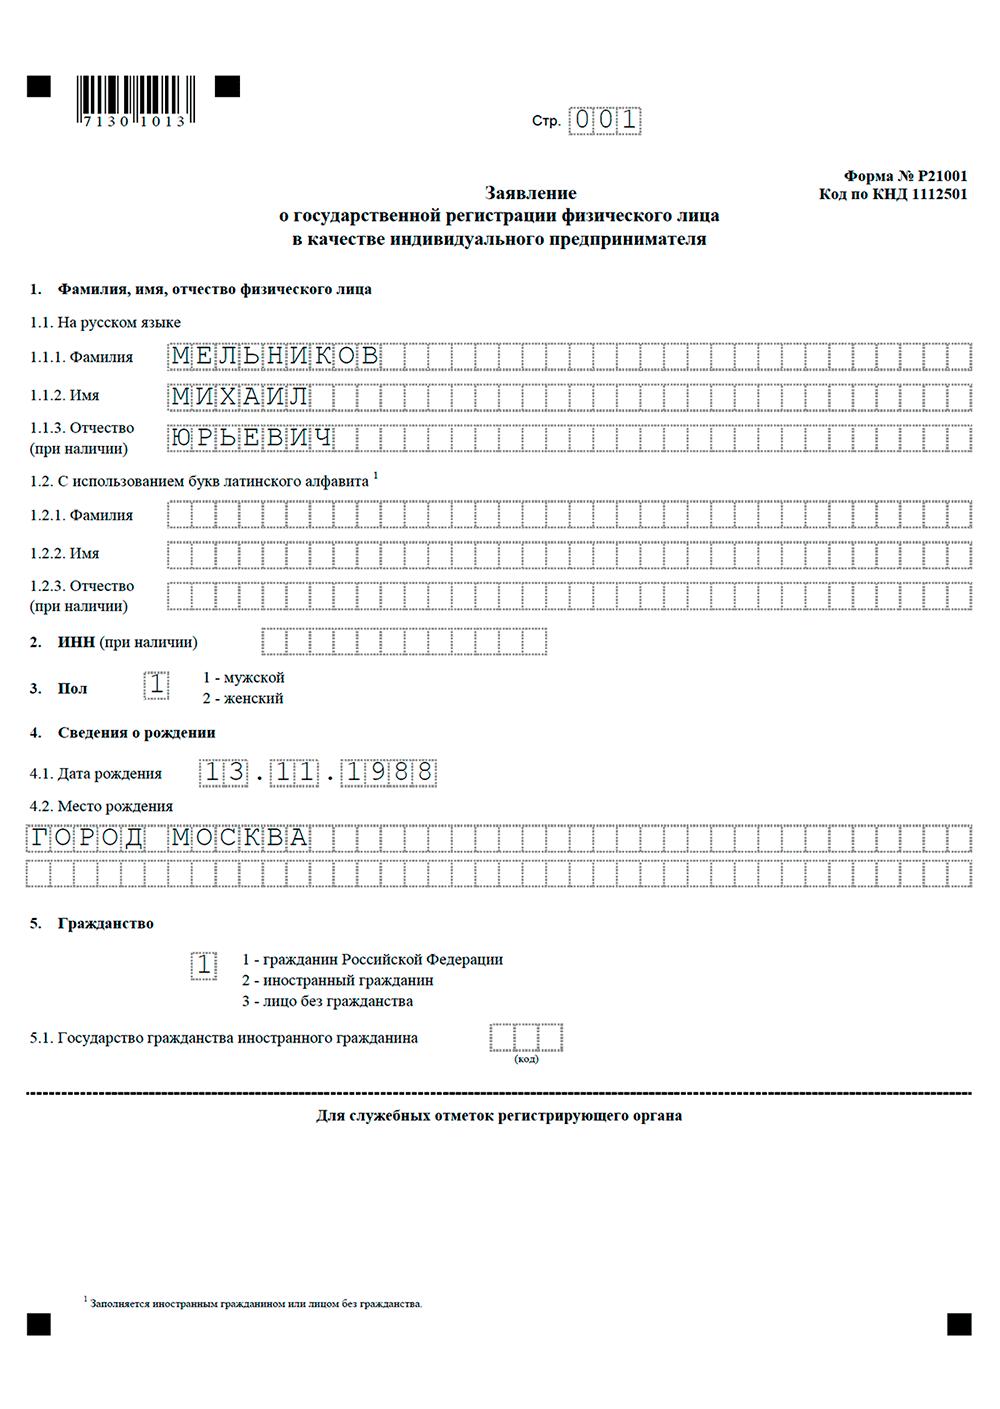 Образец заполнения анкеты на регистрацию ип скачать декларация 2019 3 ндфл